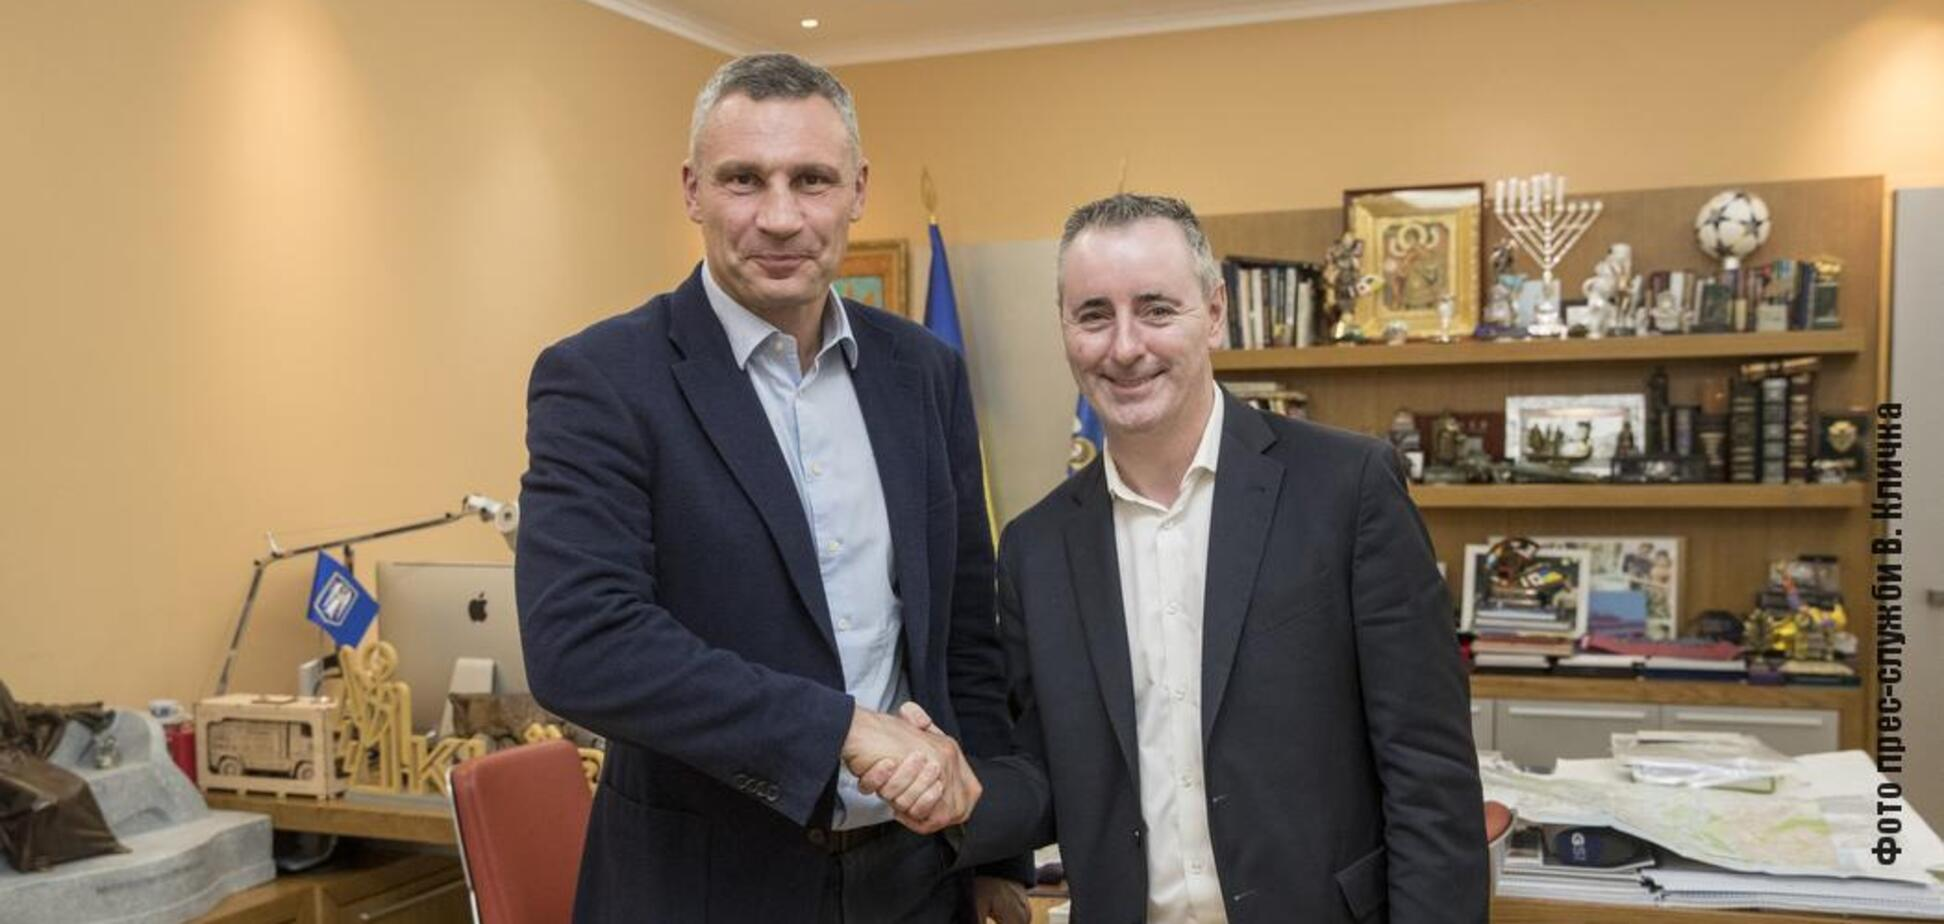 Кличко встретился с сопредседателем группы поддержки Украины в Конгрессе США: о чем говорили. Фото